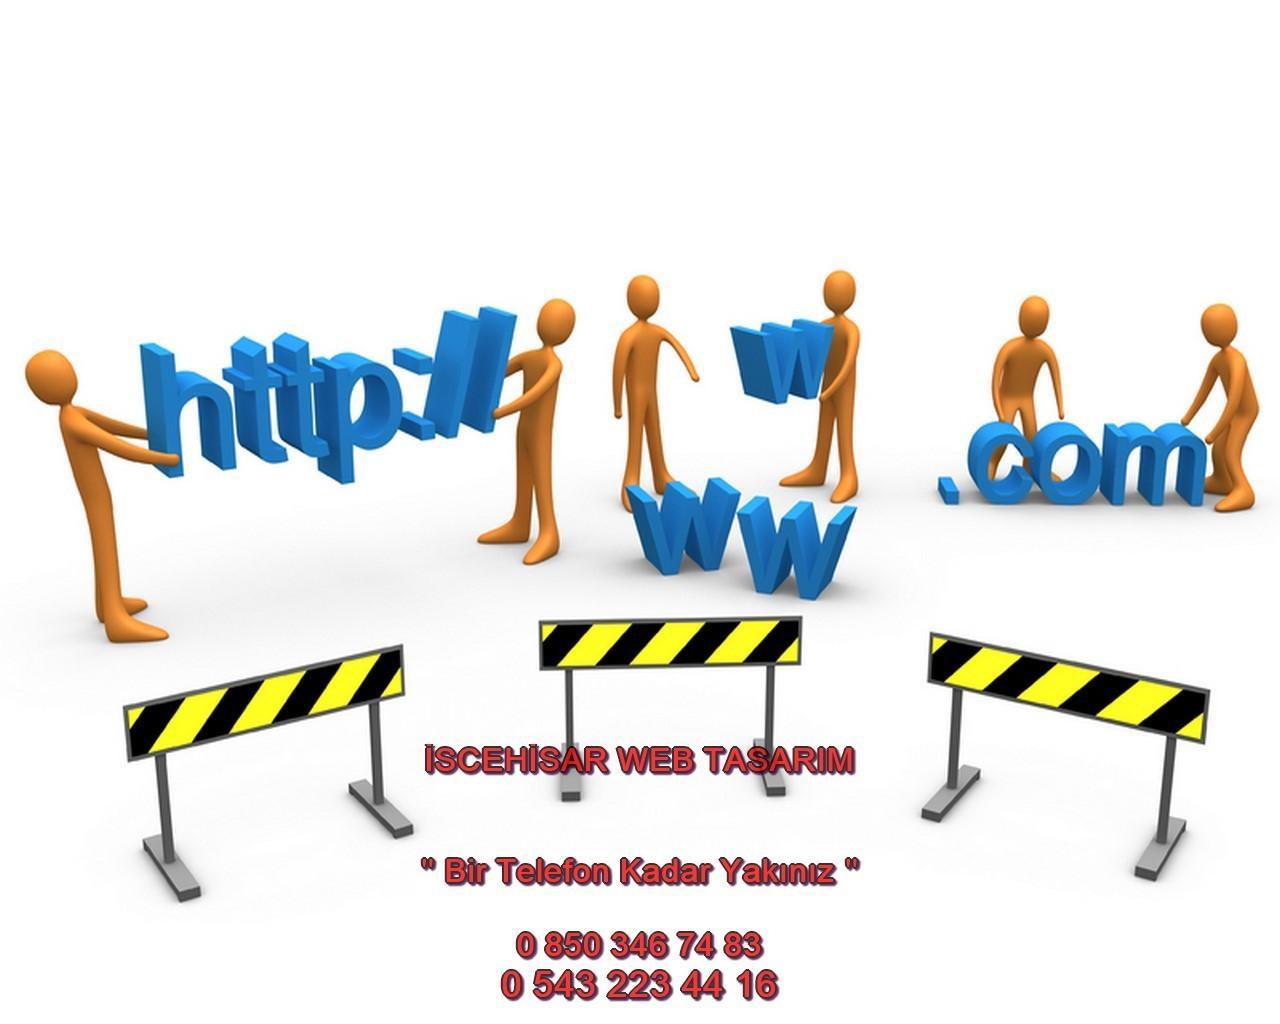 İscehisar Web Tasarım